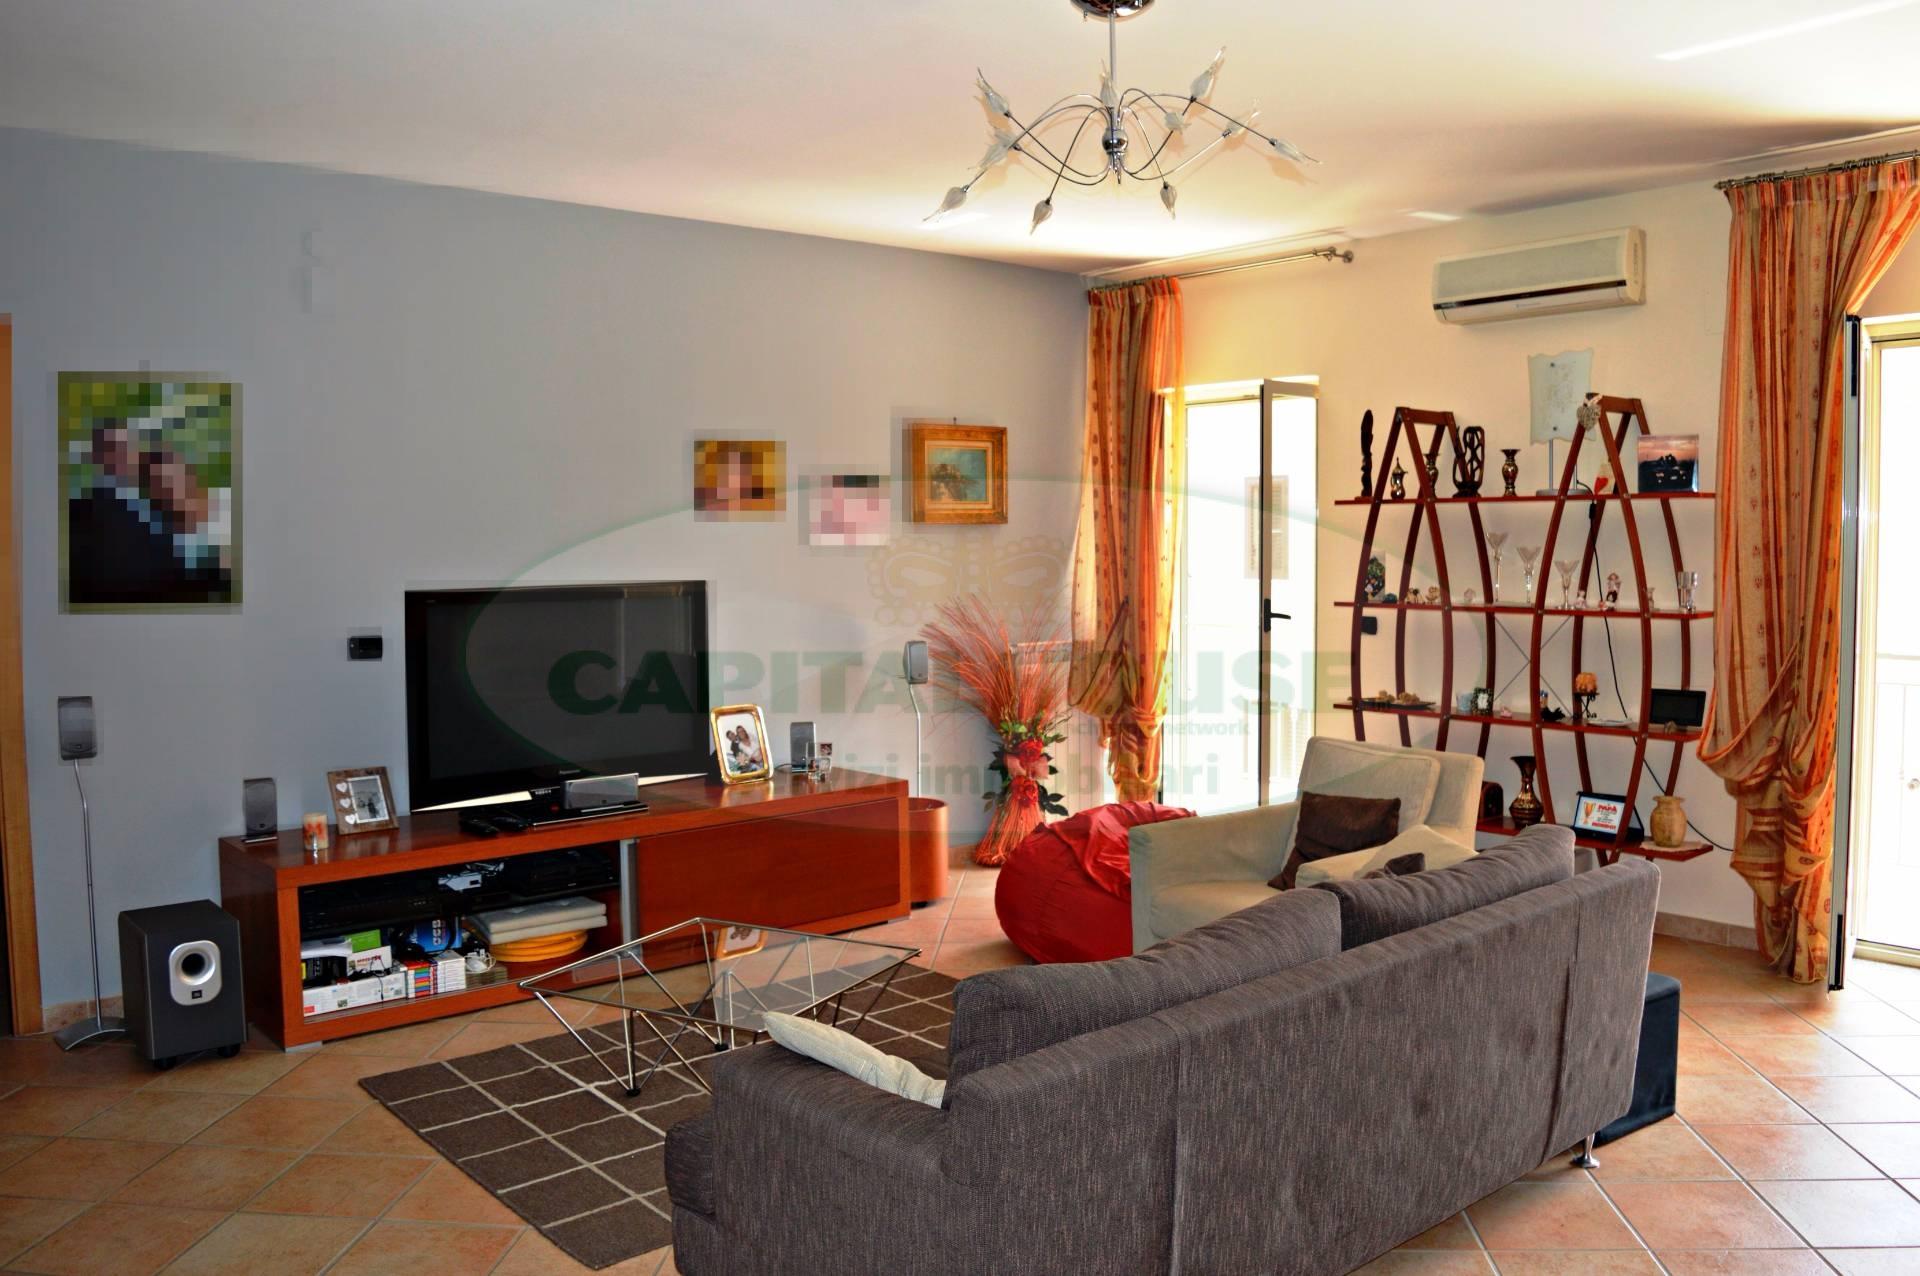 Appartamento in vendita a San Nicola la Strada, 3 locali, zona Località: LargoRotonda, prezzo € 175.000 | Cambio Casa.it